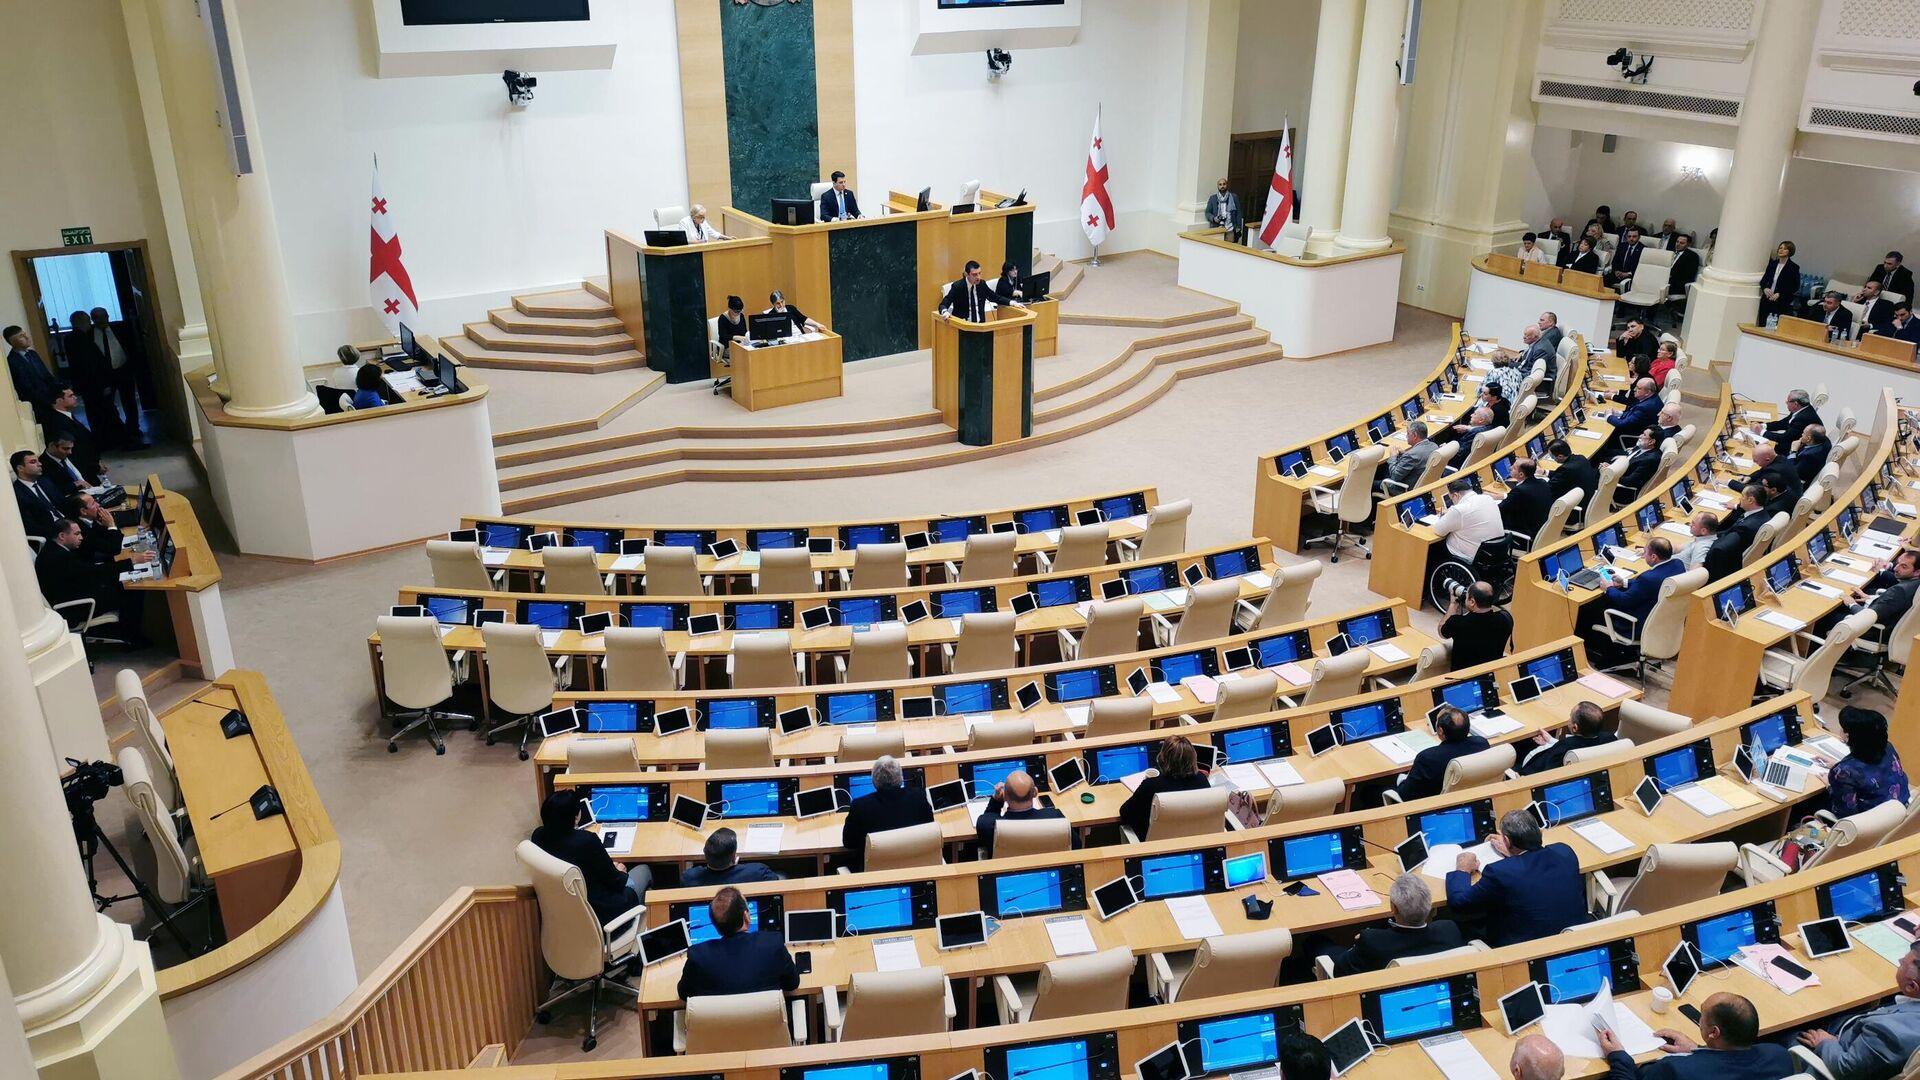 Кандидат на пост премьер-министра Георгий Гахария выступает на внеочередном заседании парламента Грузии - РИА Новости, 1920, 11.12.2020